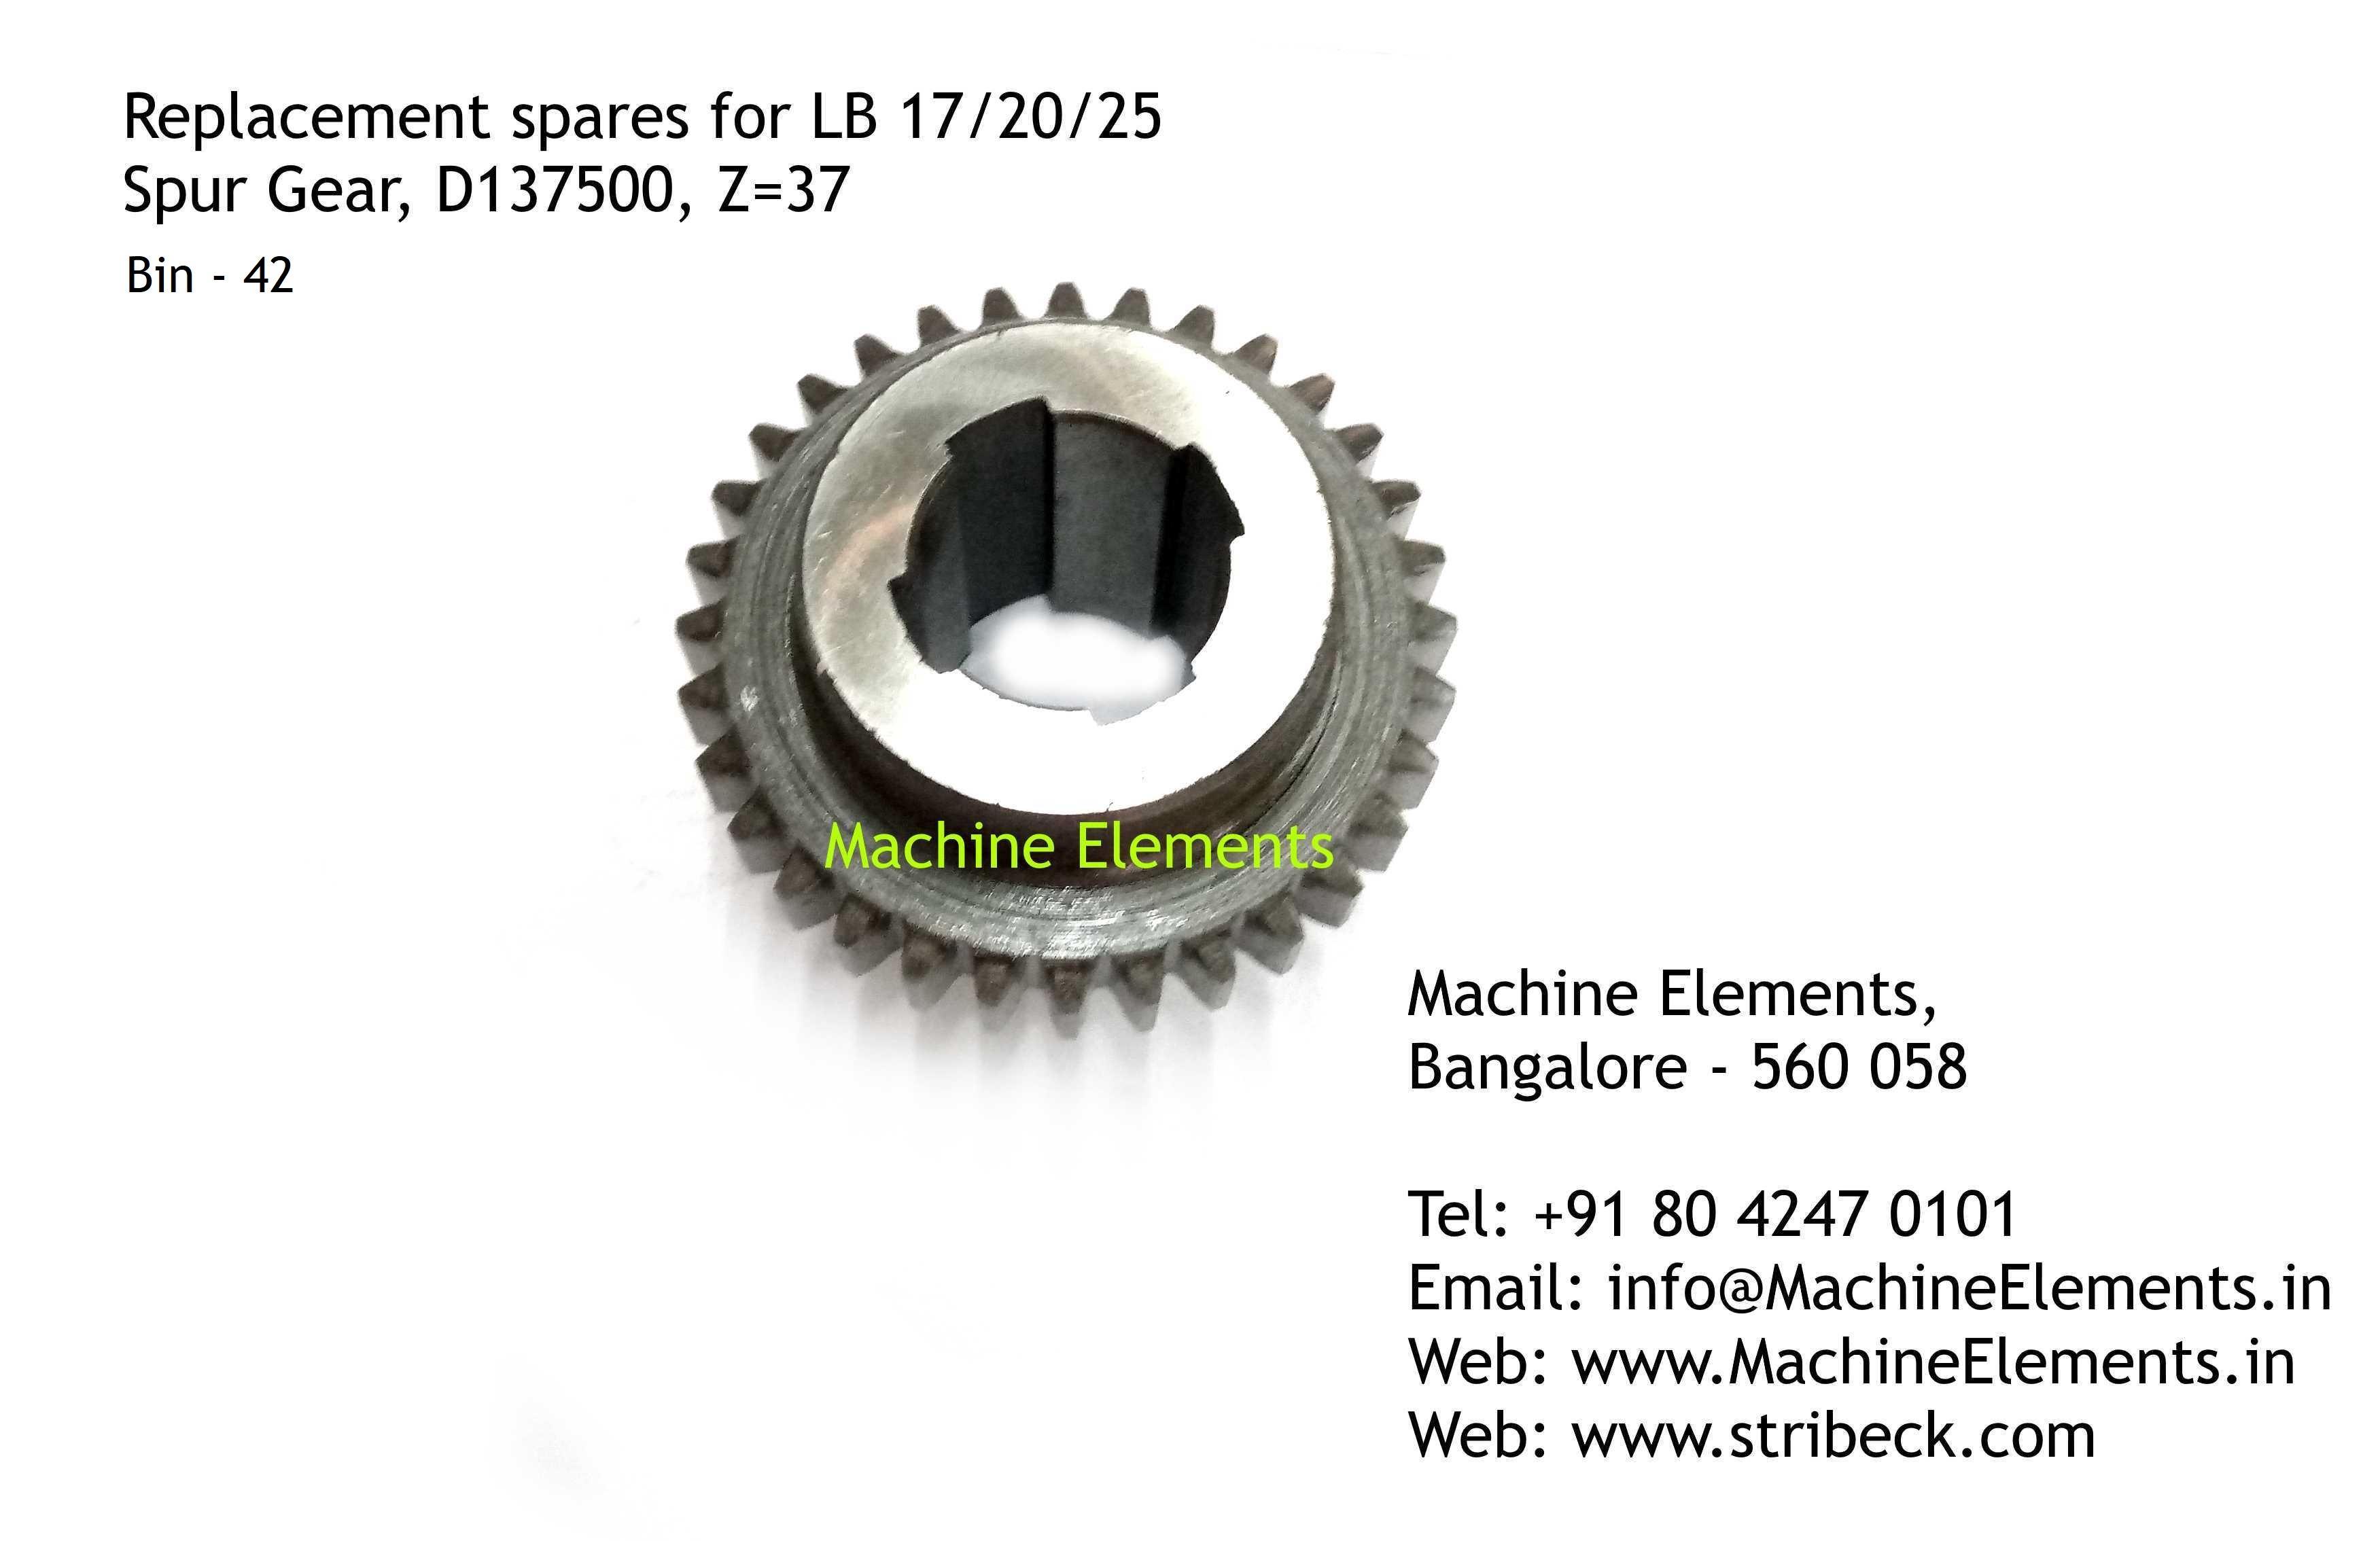 Spur Gear, D137500, Z=37